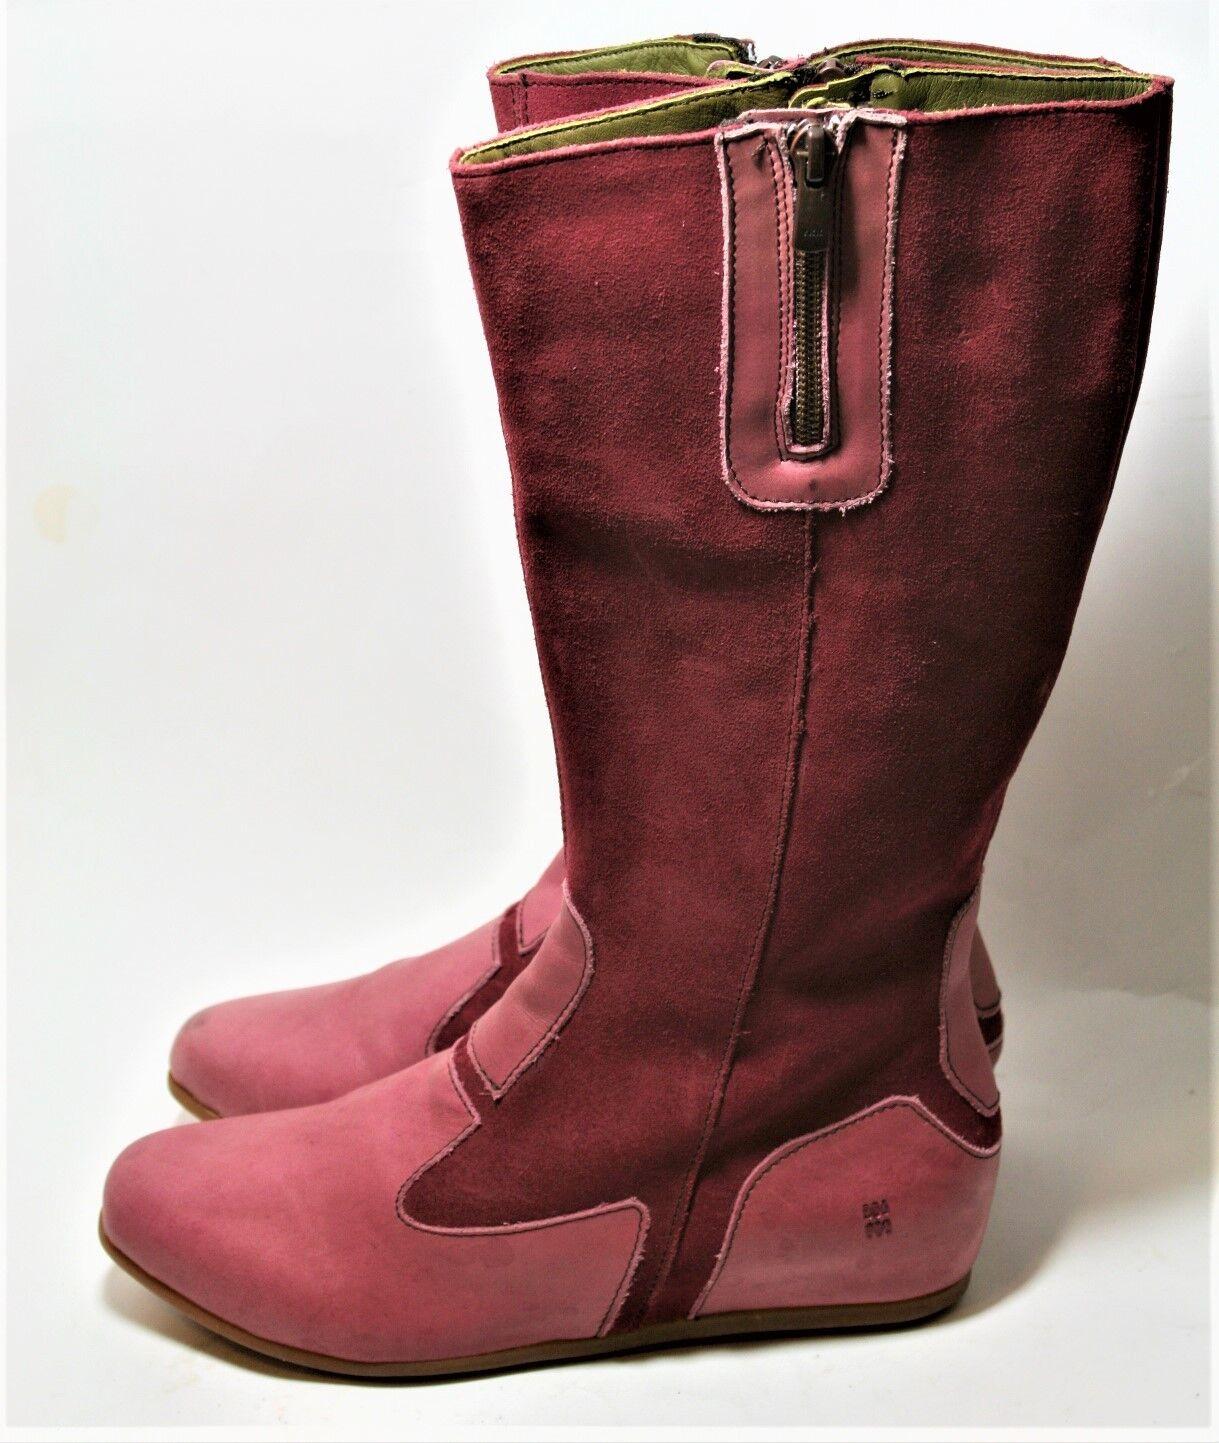 El naturalista naturalista naturalista zapatos N037 Stella Alto botas Riojas Cuero De Gamuza 37 cuña oculta  tienda en linea